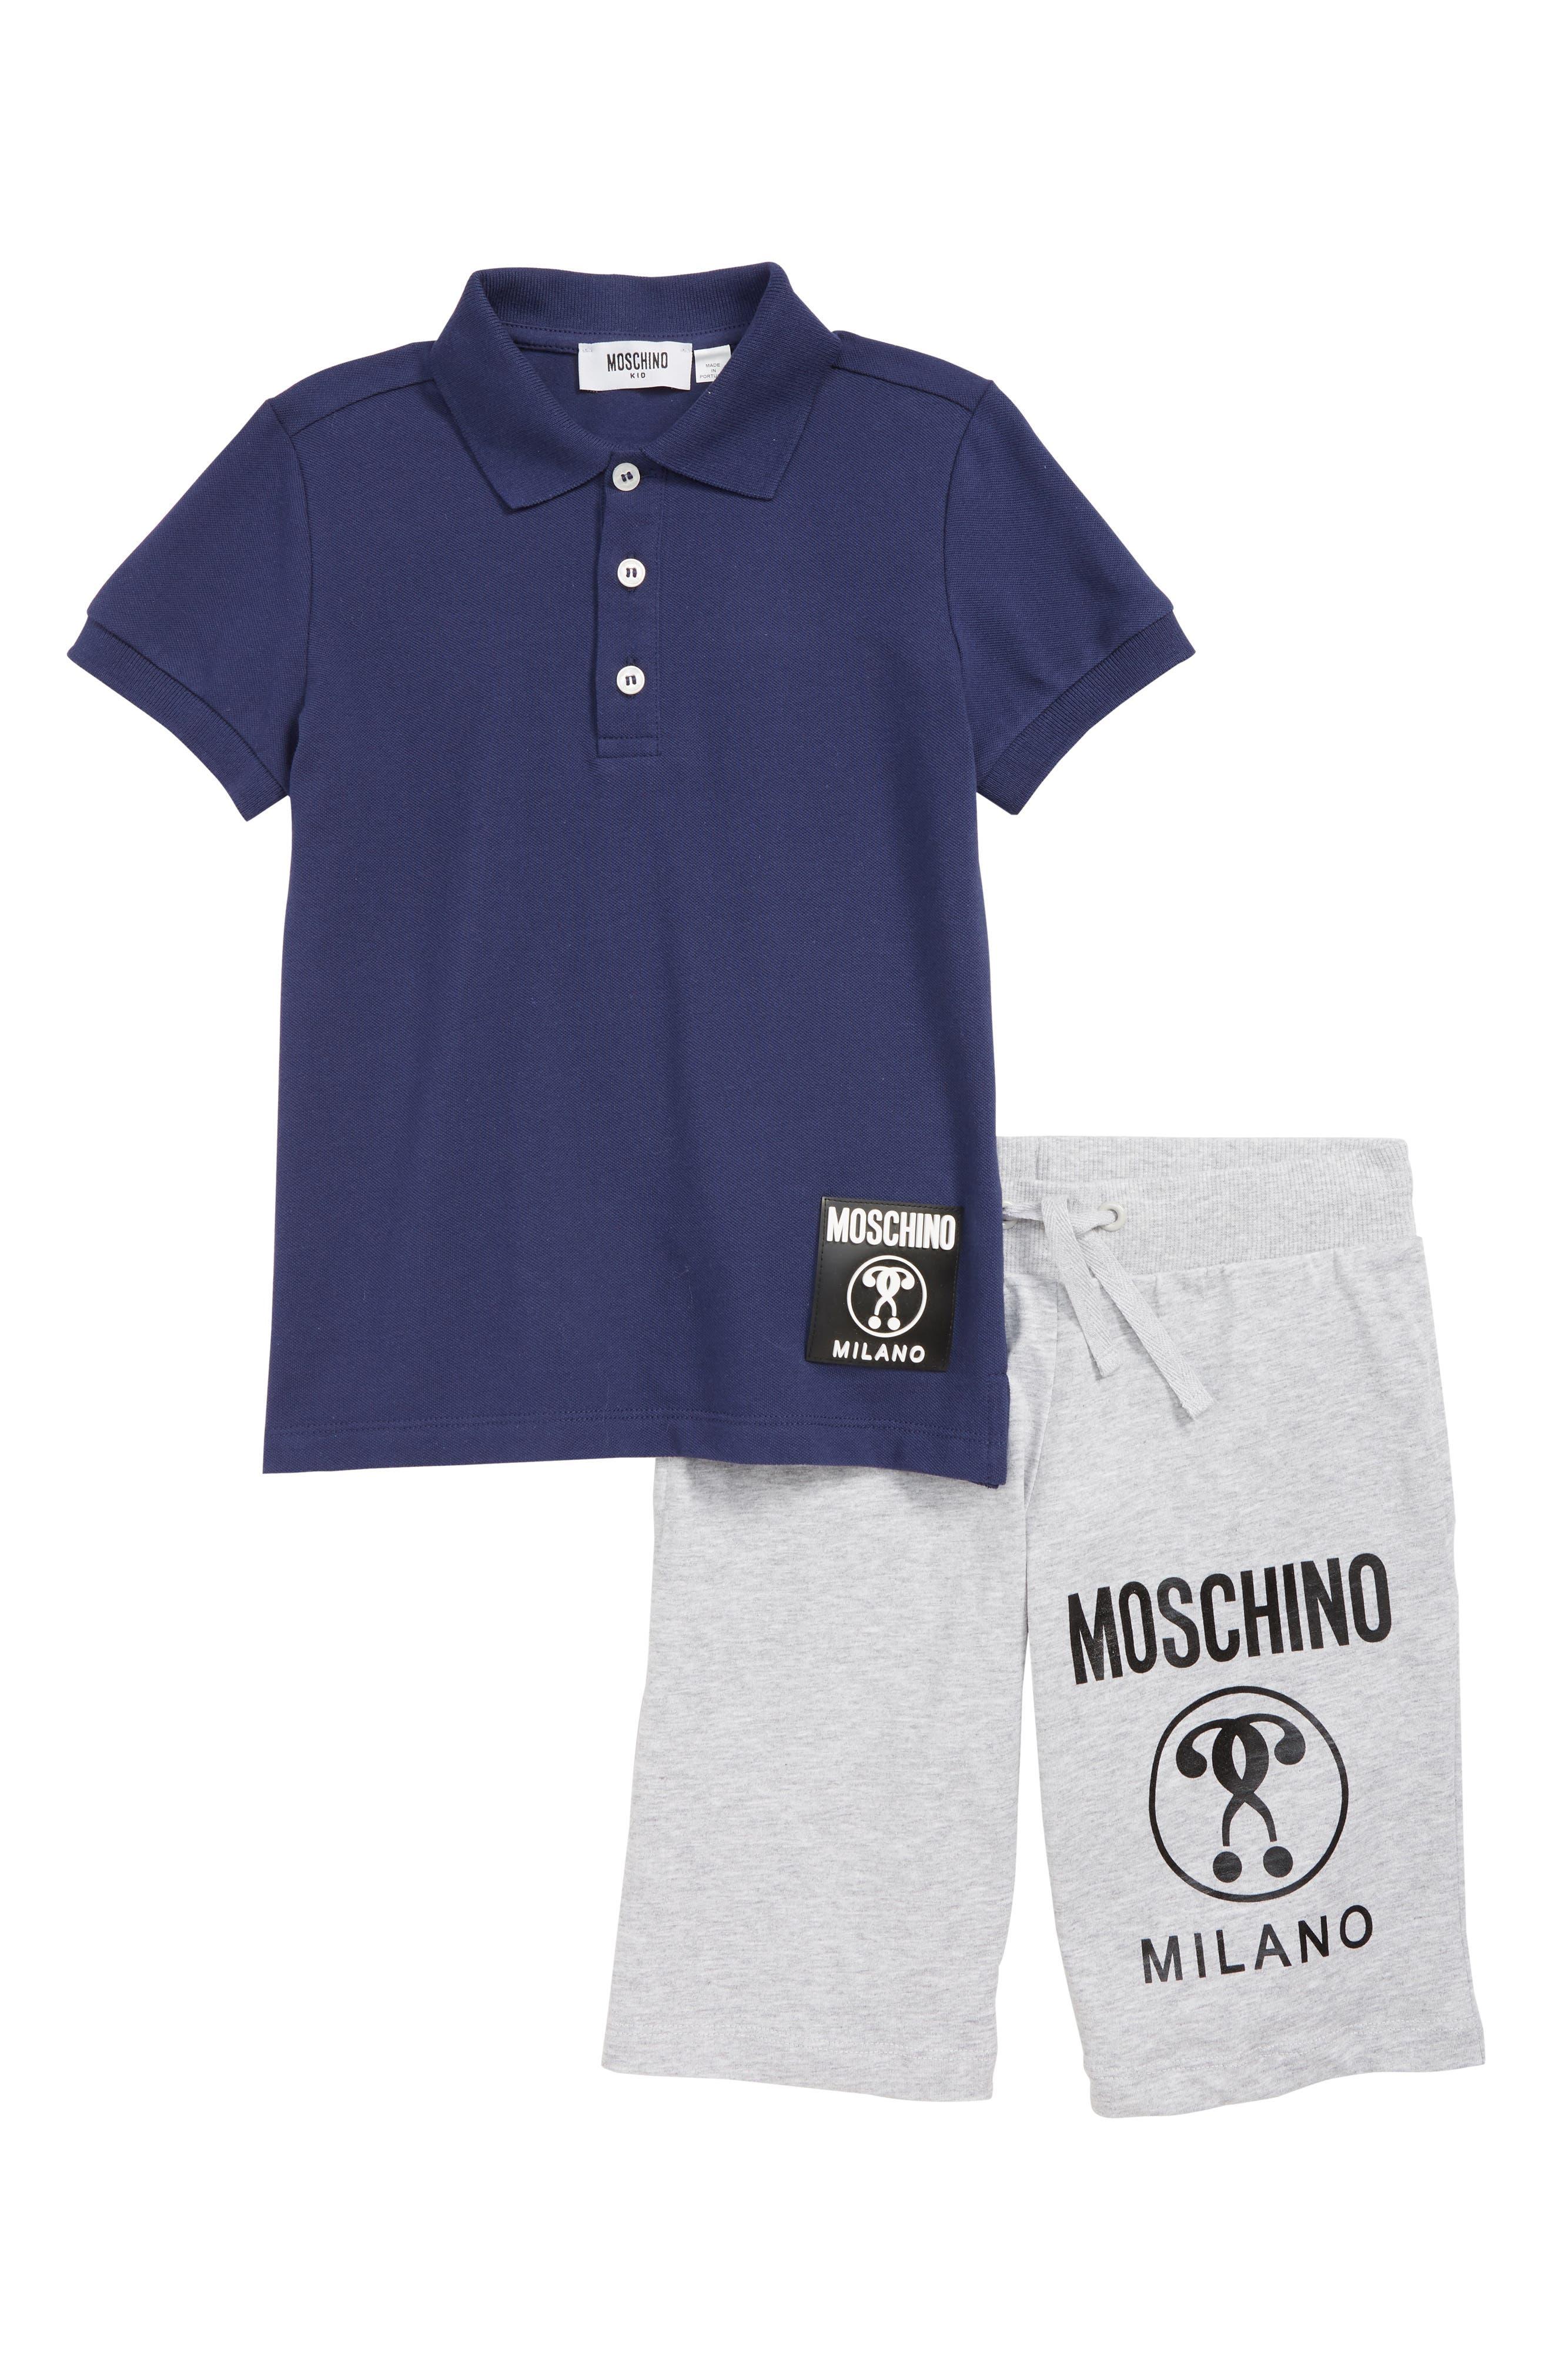 0bf72e7ed0e Moschino for Kids